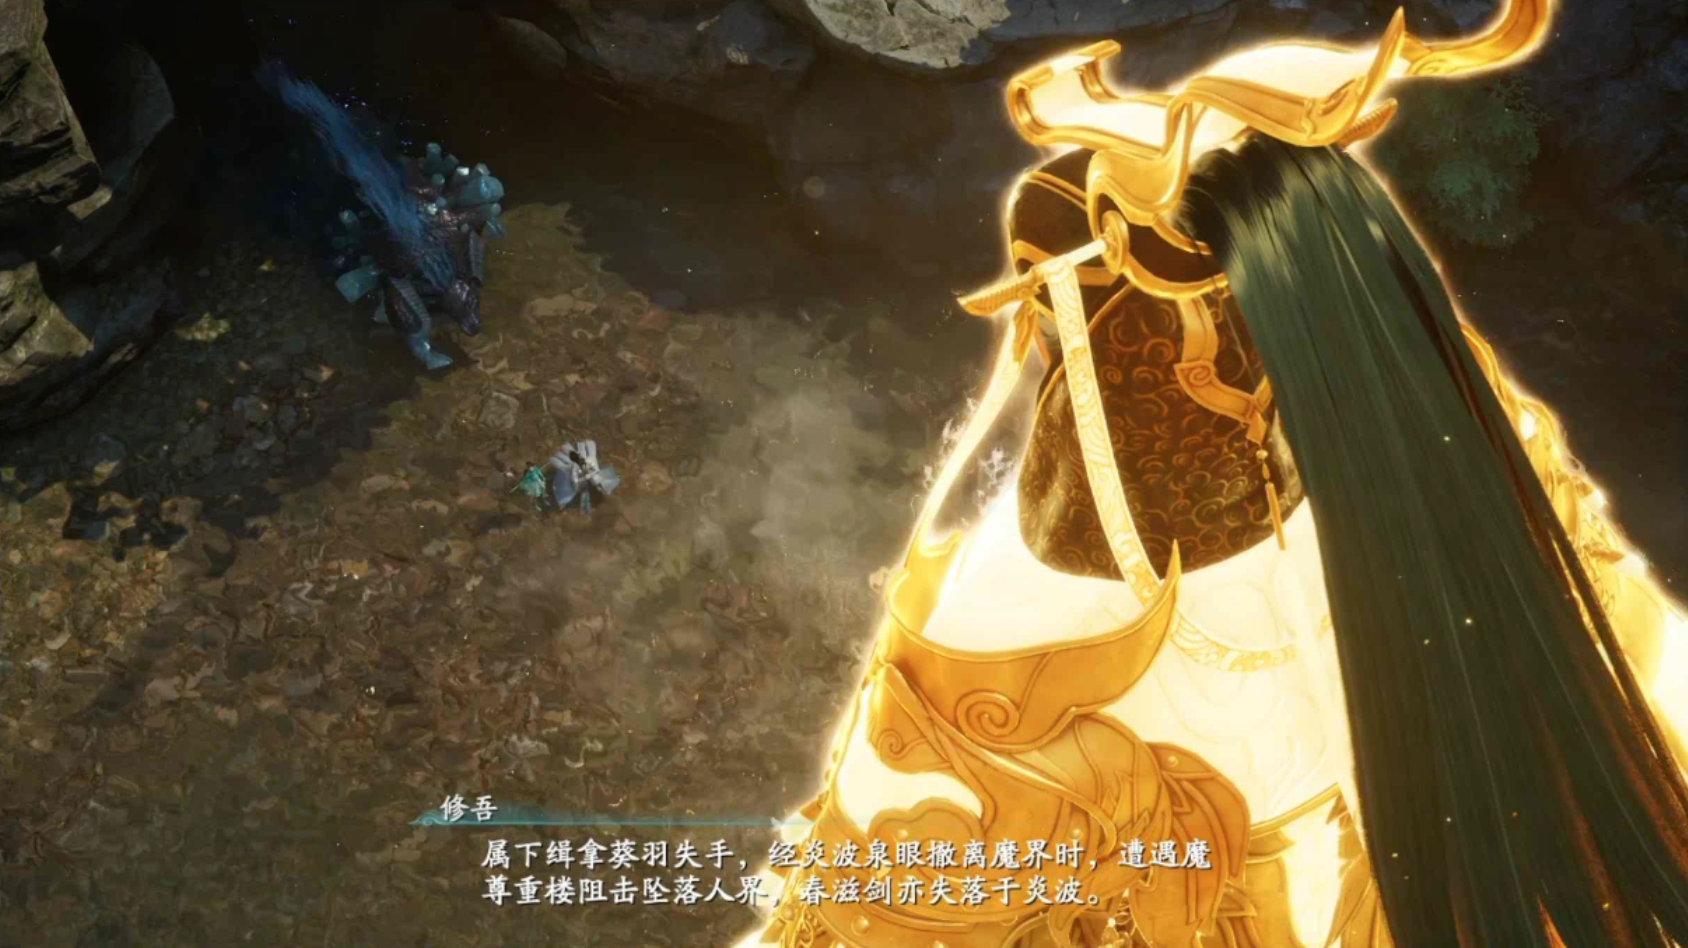 仙剑奇侠传七开放试玩,这次的主角是妹子,魔尊重楼也将现身